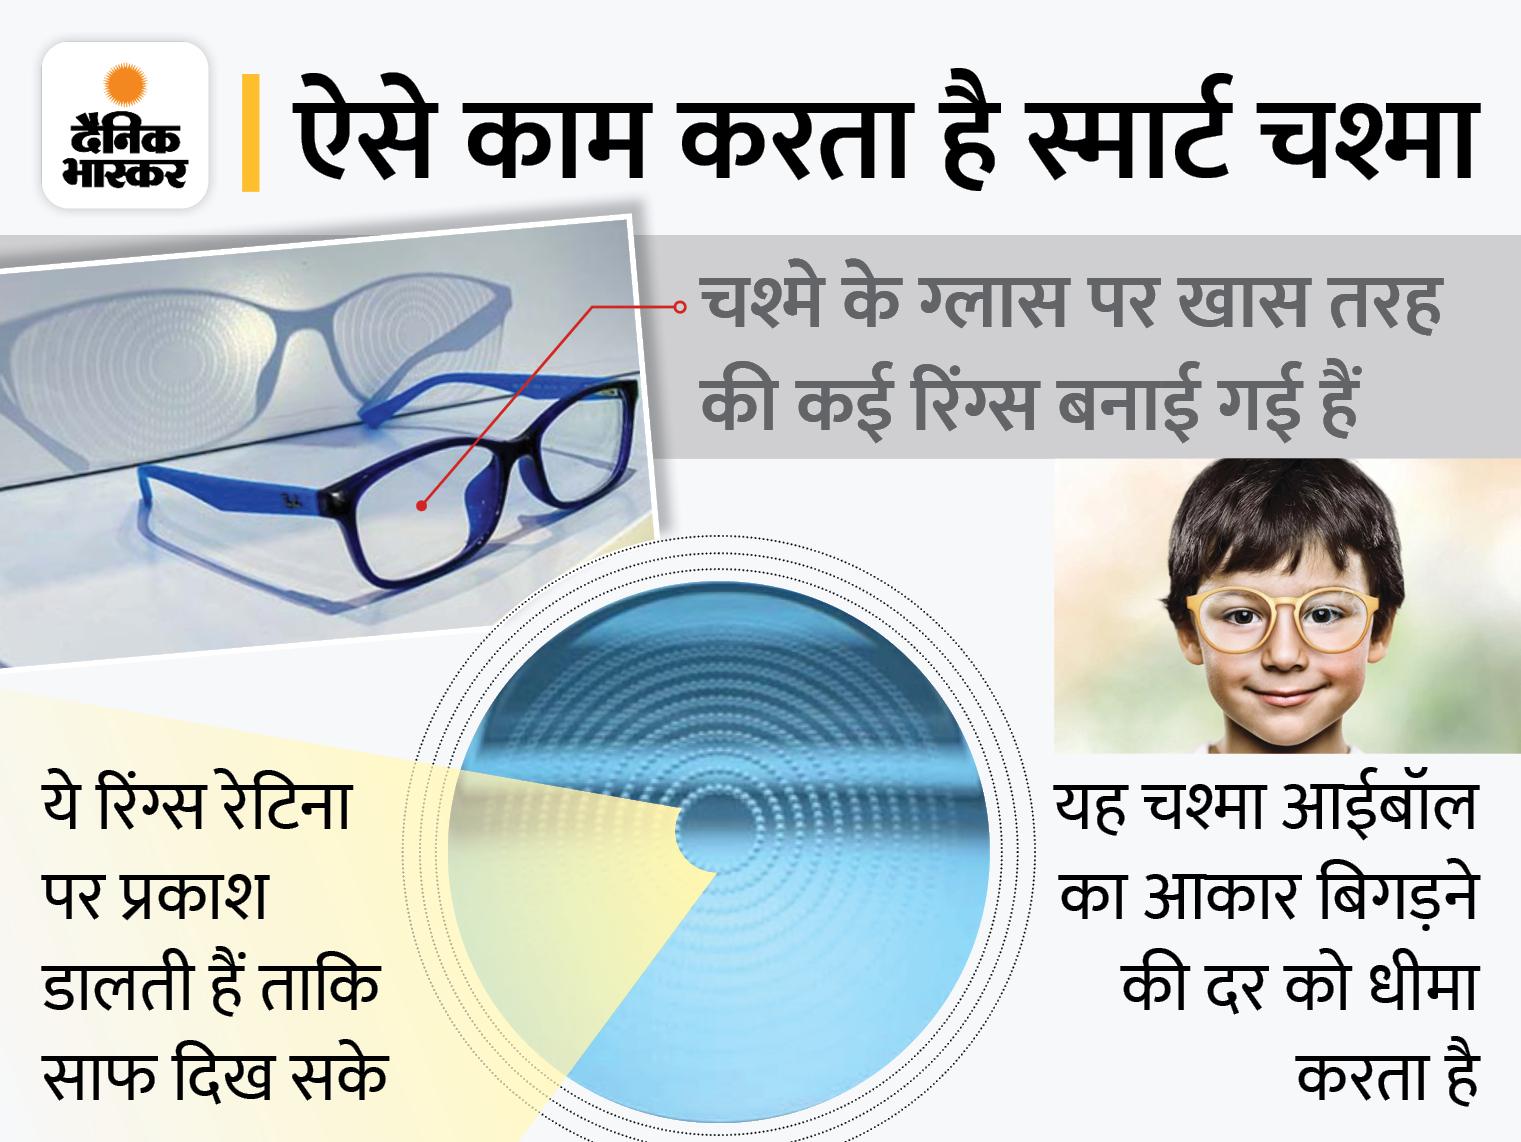 चीनी वैज्ञानिकों ने मायोपिया के बढ़ते असर को धीमा करने वाला स्मार्ट चश्मा बनाया, दूर की चीजें देखना हुआ आसान; दो साल में 67% घटा बीमारी का असर|लाइफ & साइंस,Happy Life - Dainik Bhaskar